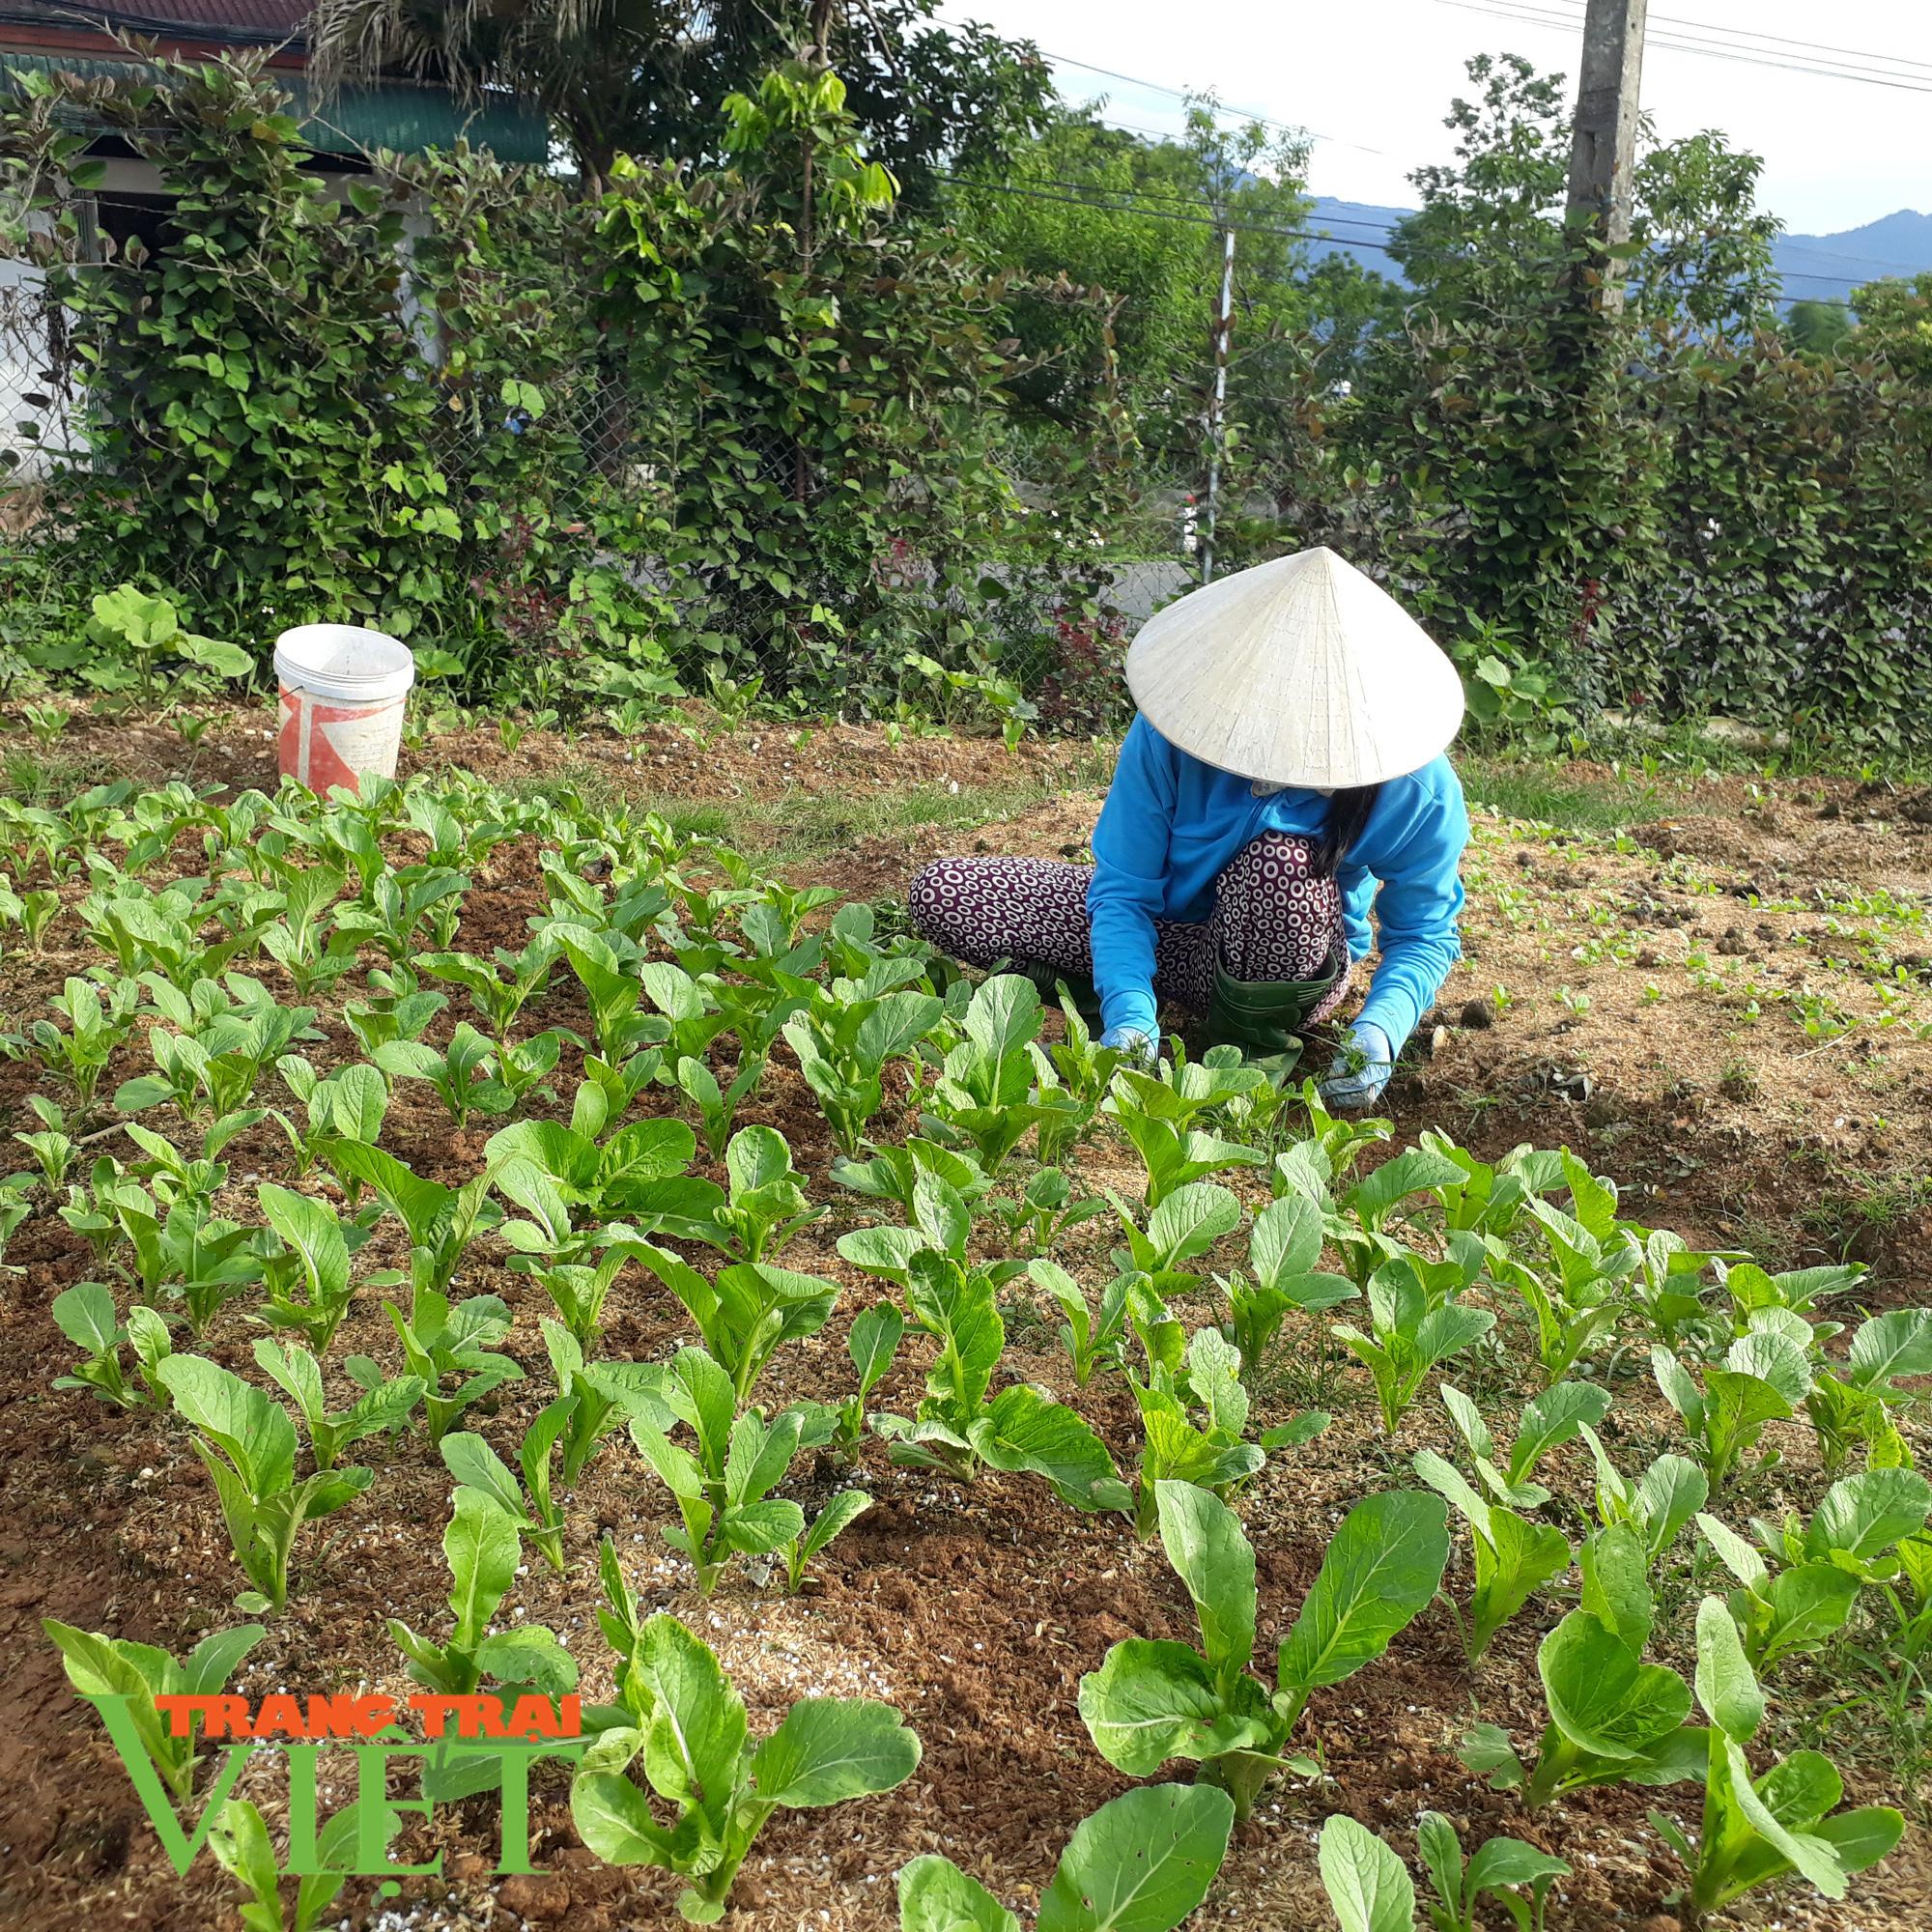 Lại Châu: Hiệu quả từ đề án phát triển sản xuất nông nghiệp hàng hóa - Ảnh 4.